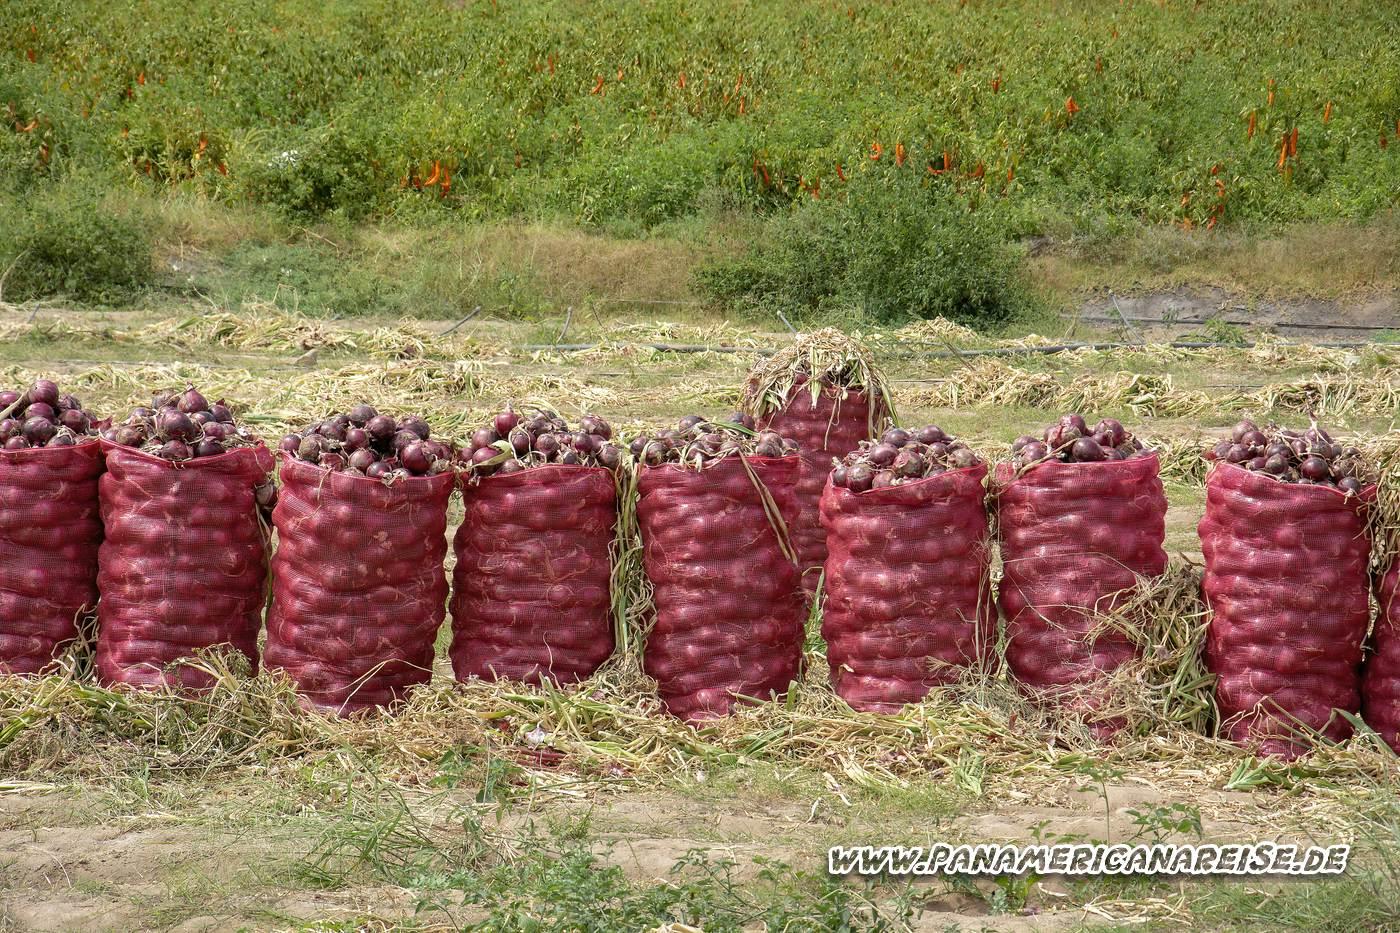 Gemüseanbau in Peru - Chili